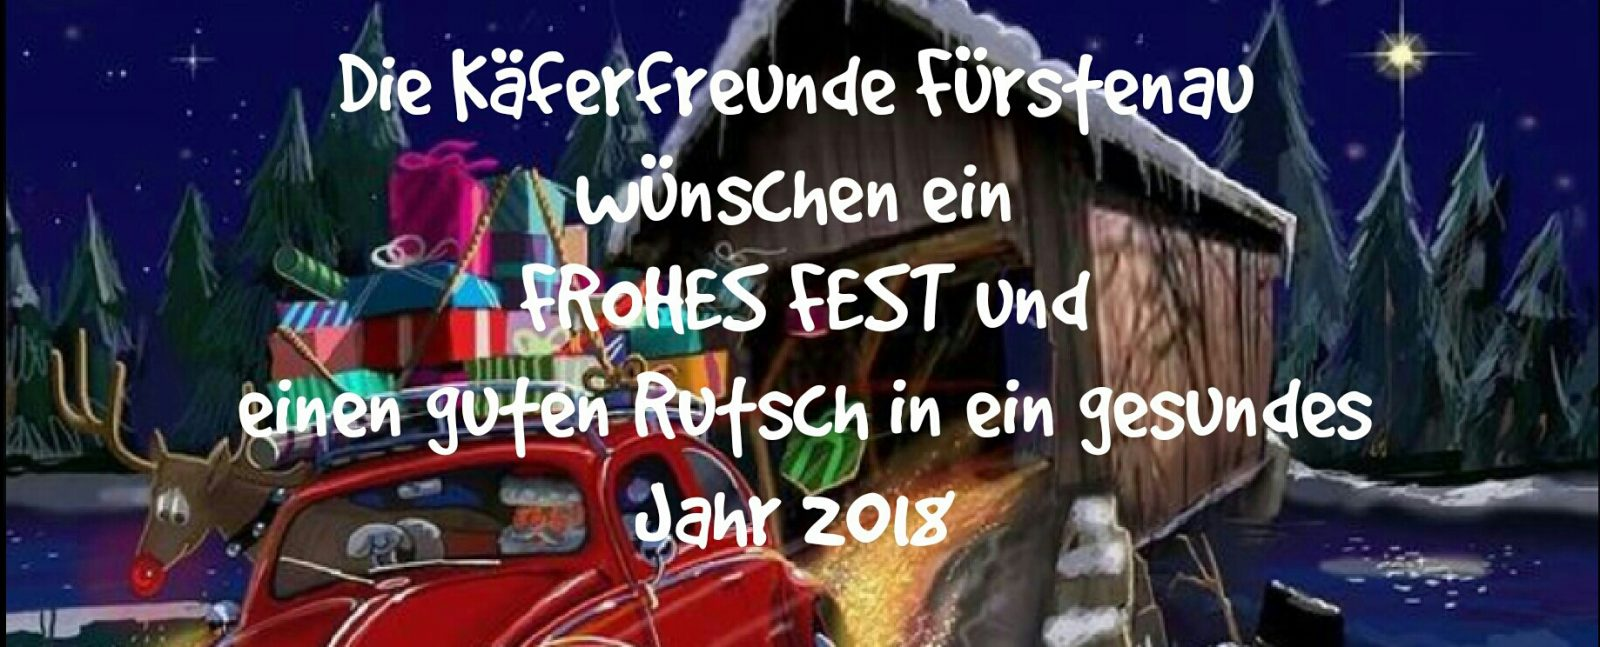 Käferfreunde-Fürstenau.de